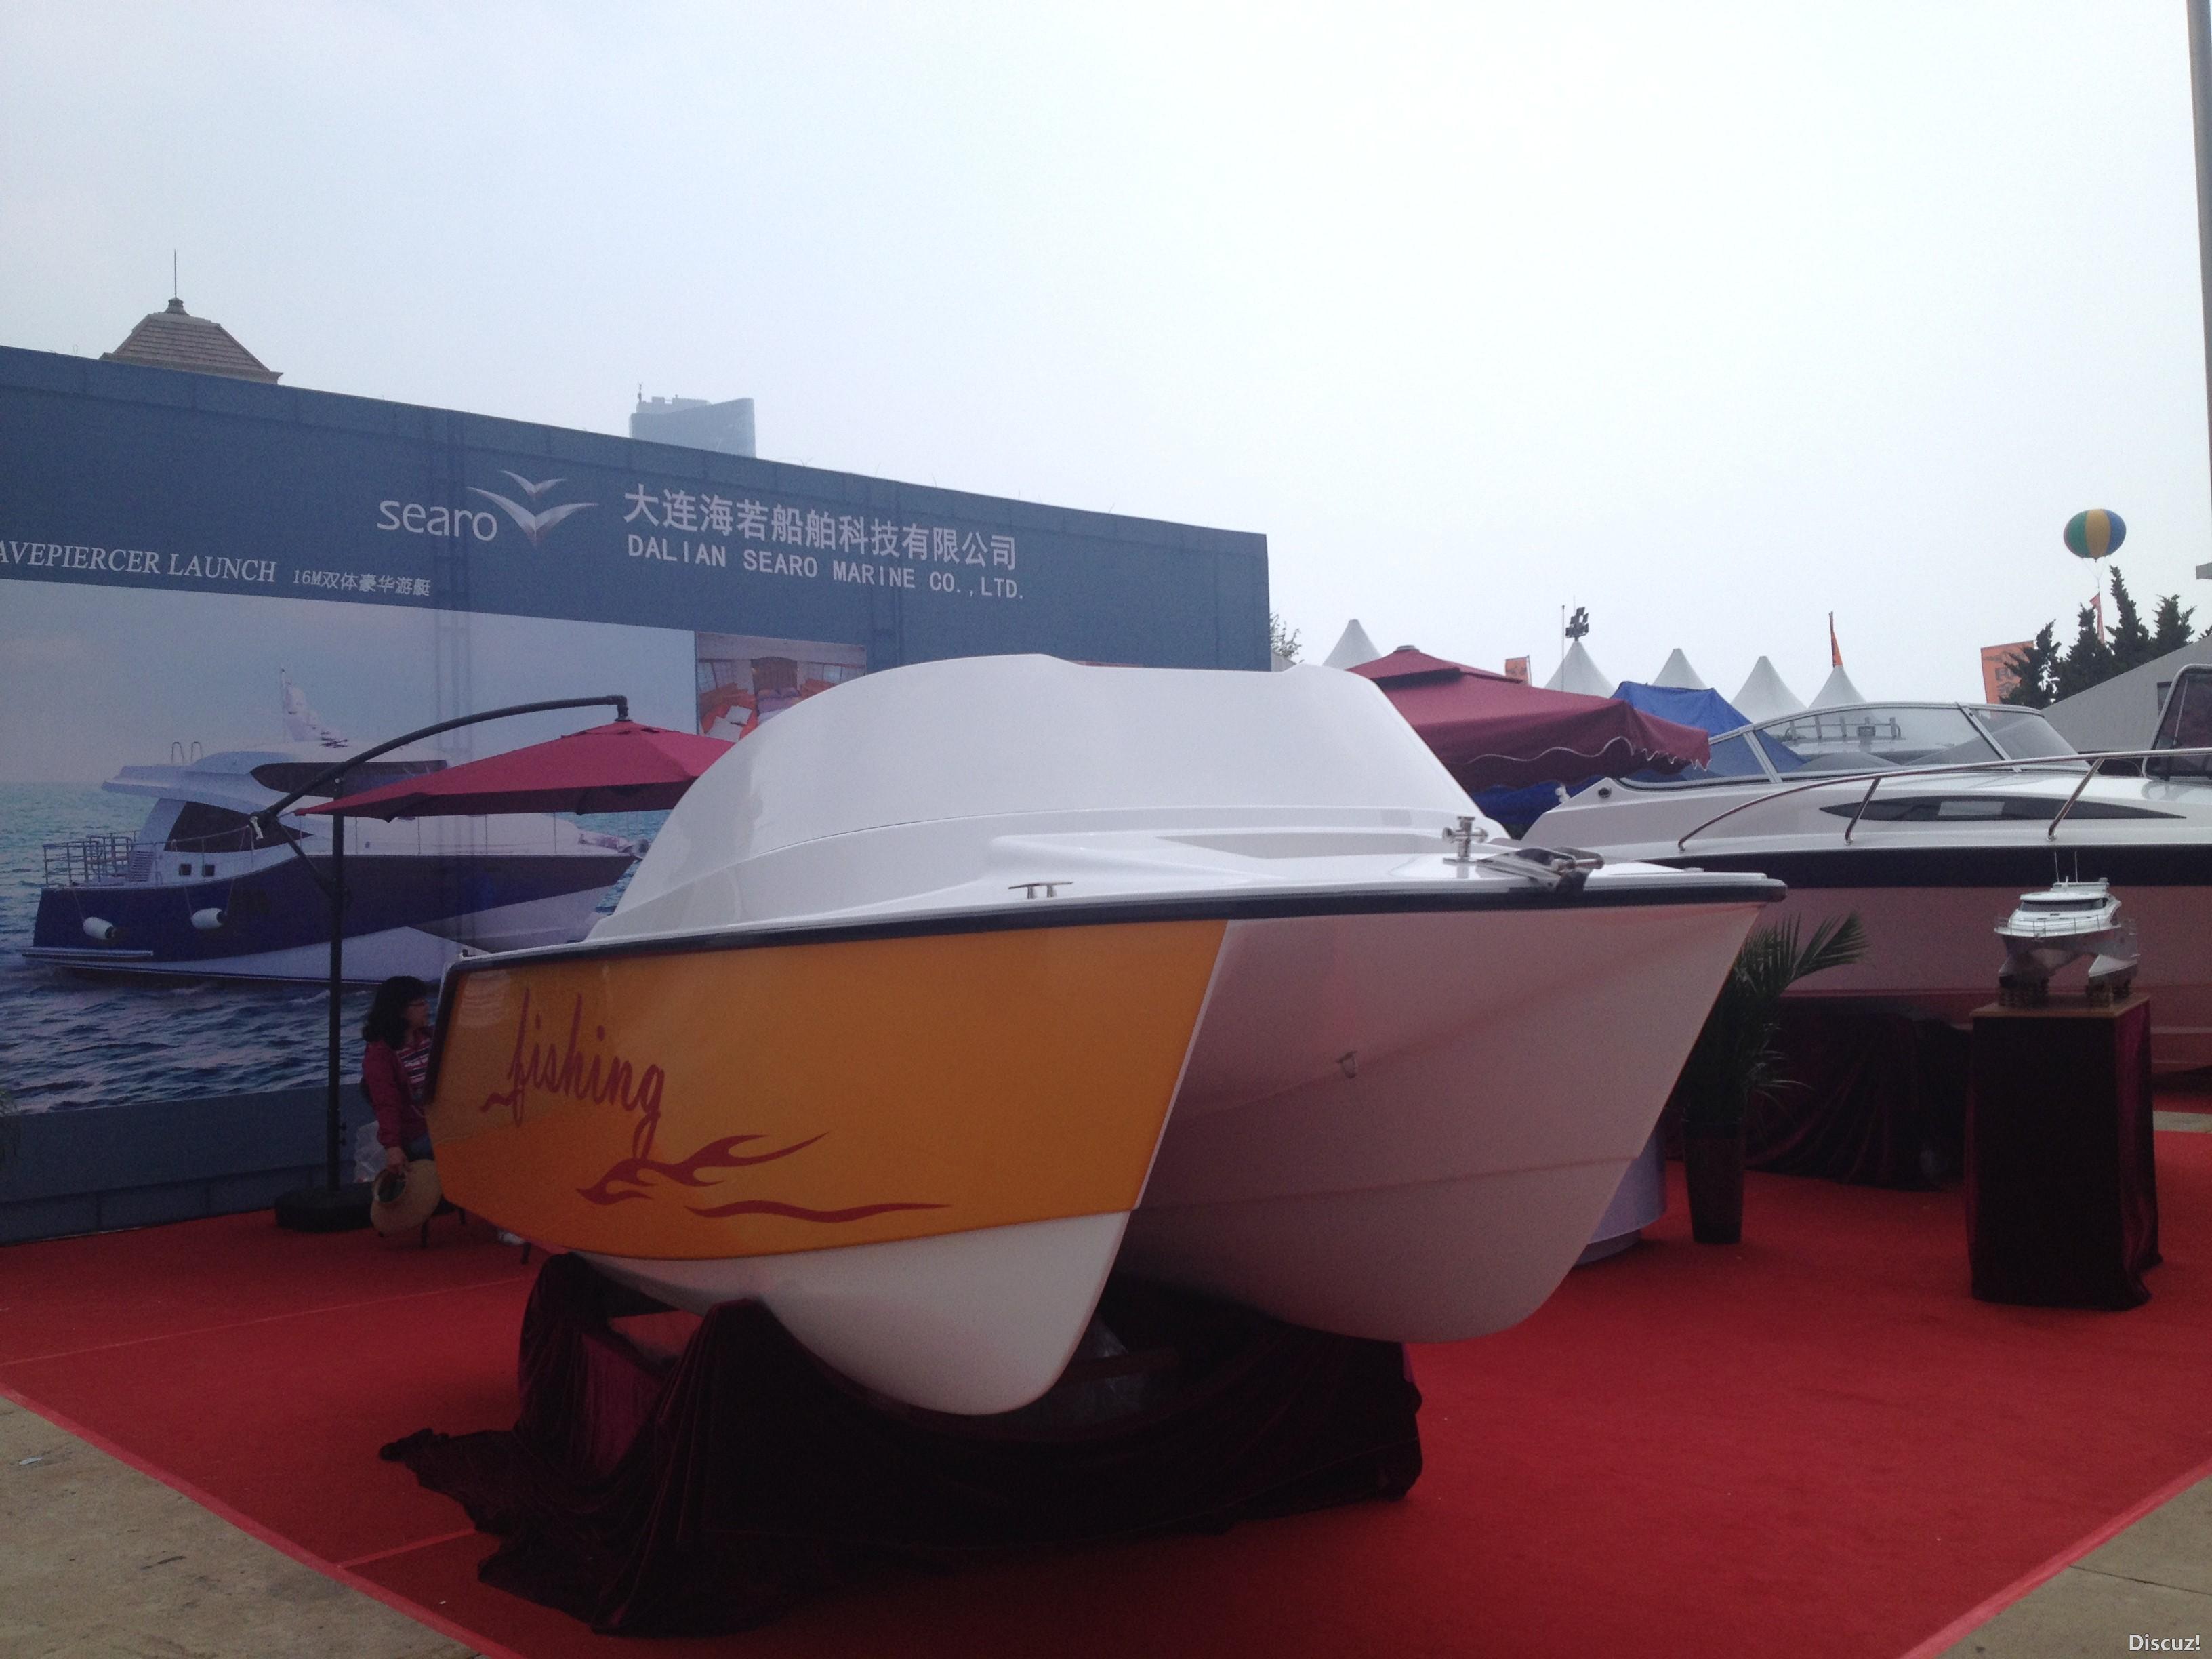 星海湾,大连 大连星海湾游艇码头游艇展-2 IMG_4520.JPG